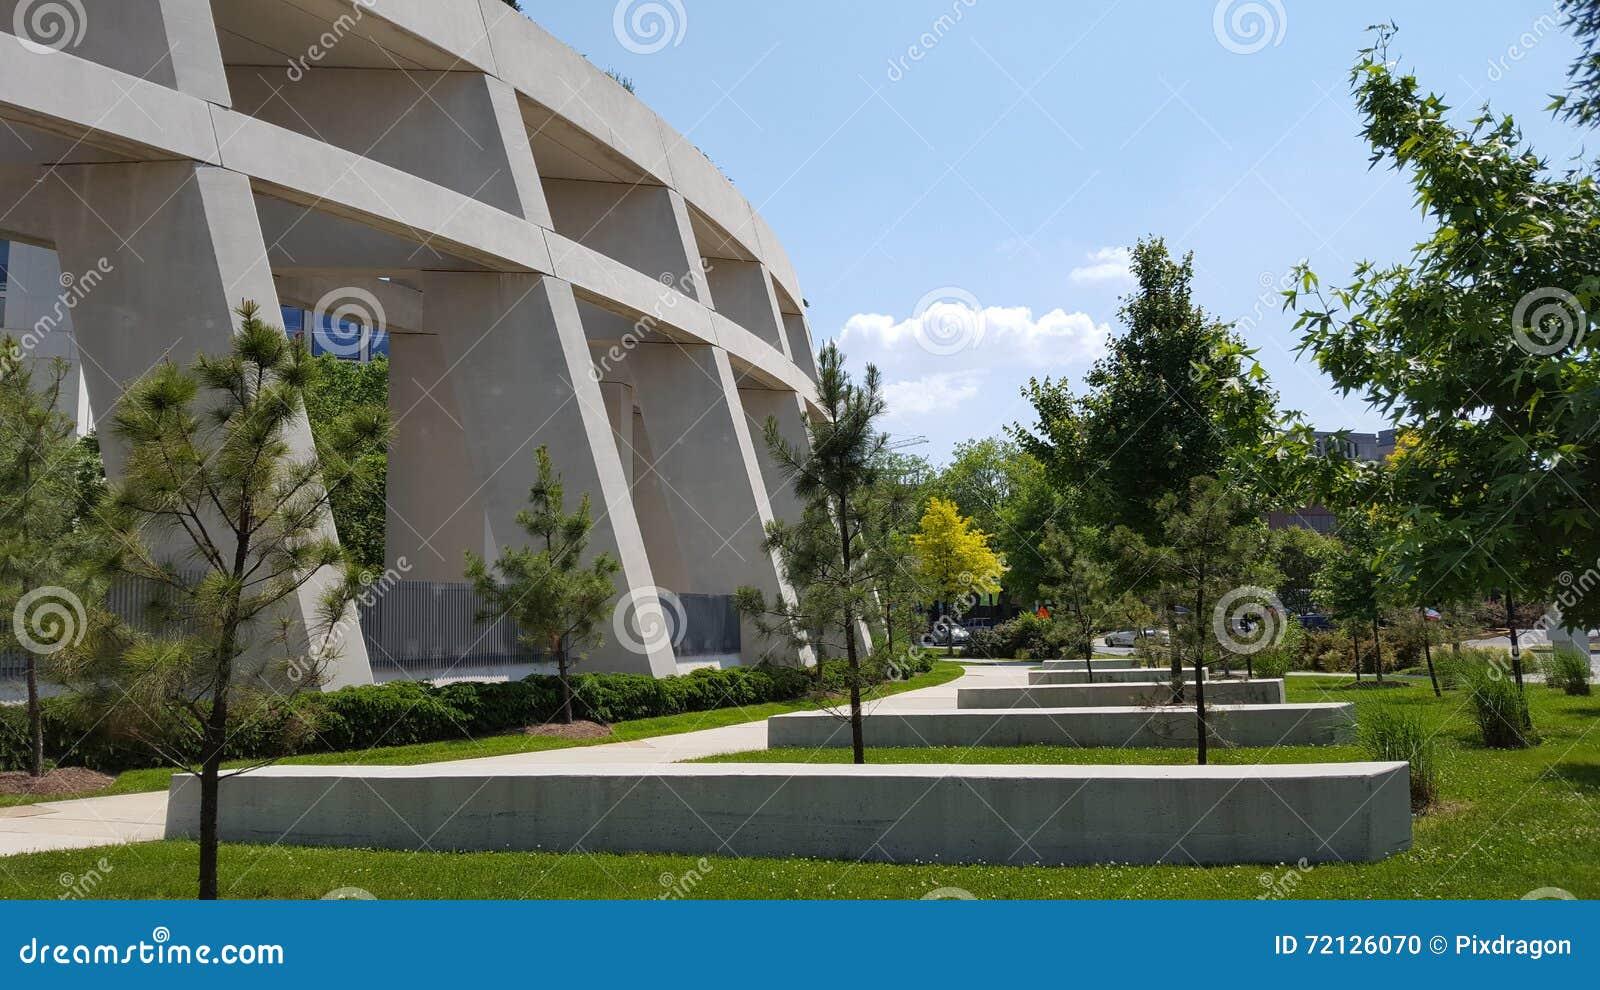 Landscape architecture bureau washington dc: landscape architecture